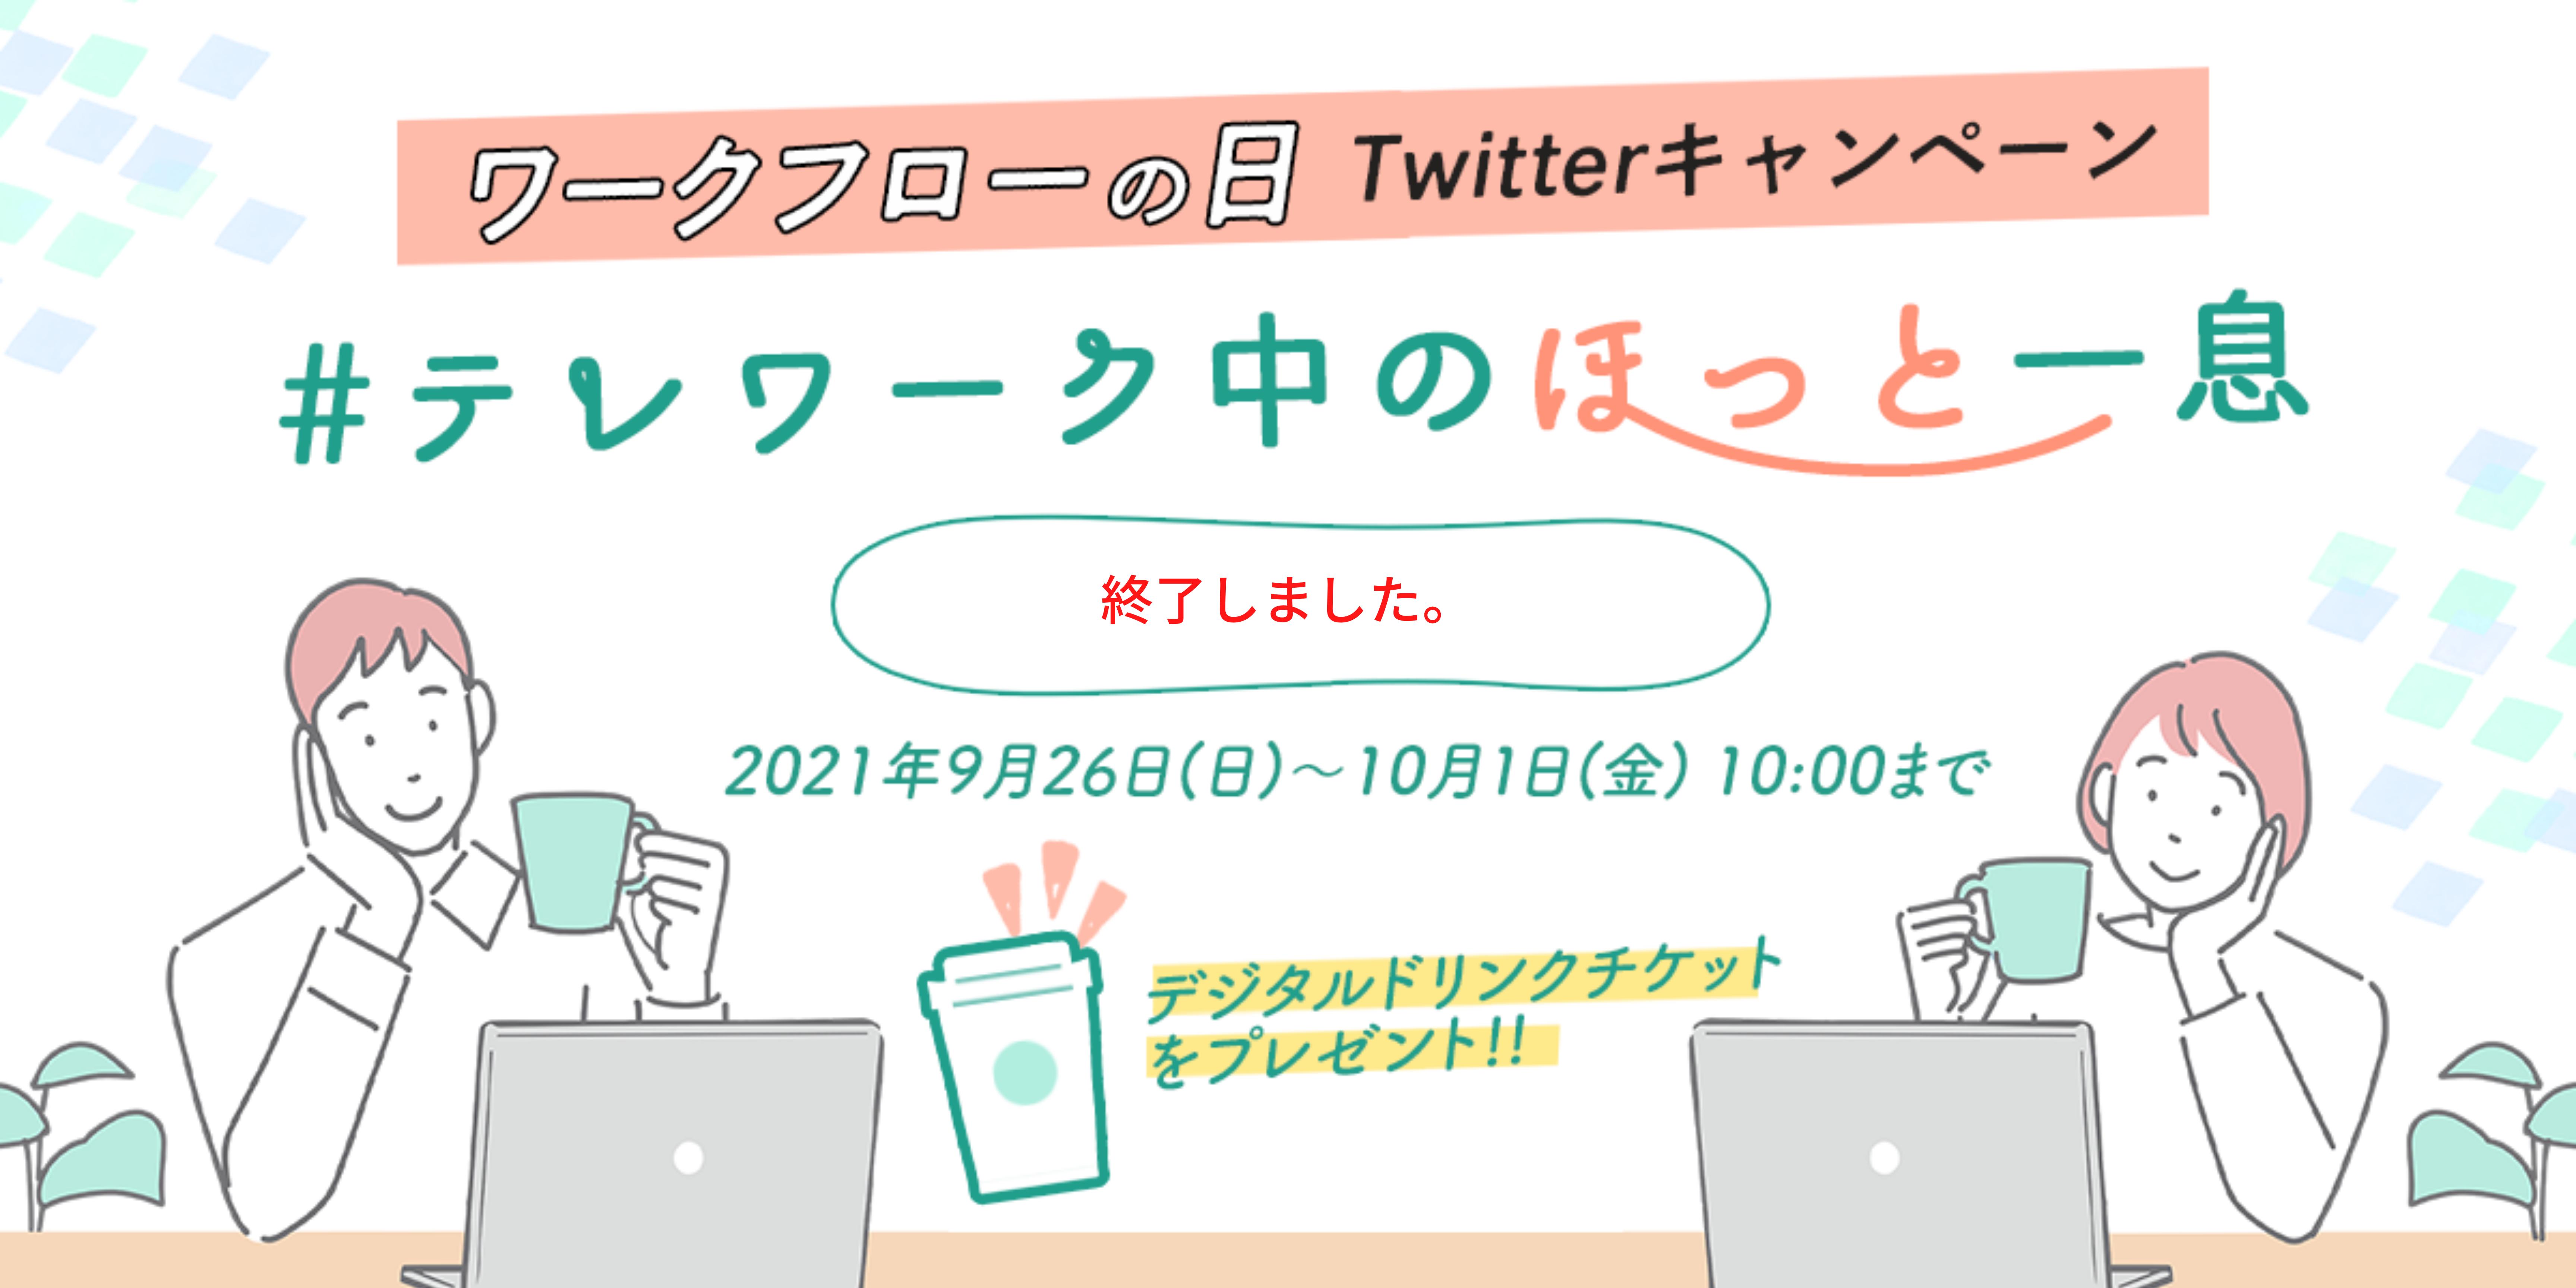 エイトレッド・ワークフローの日Twitterキャンペーン